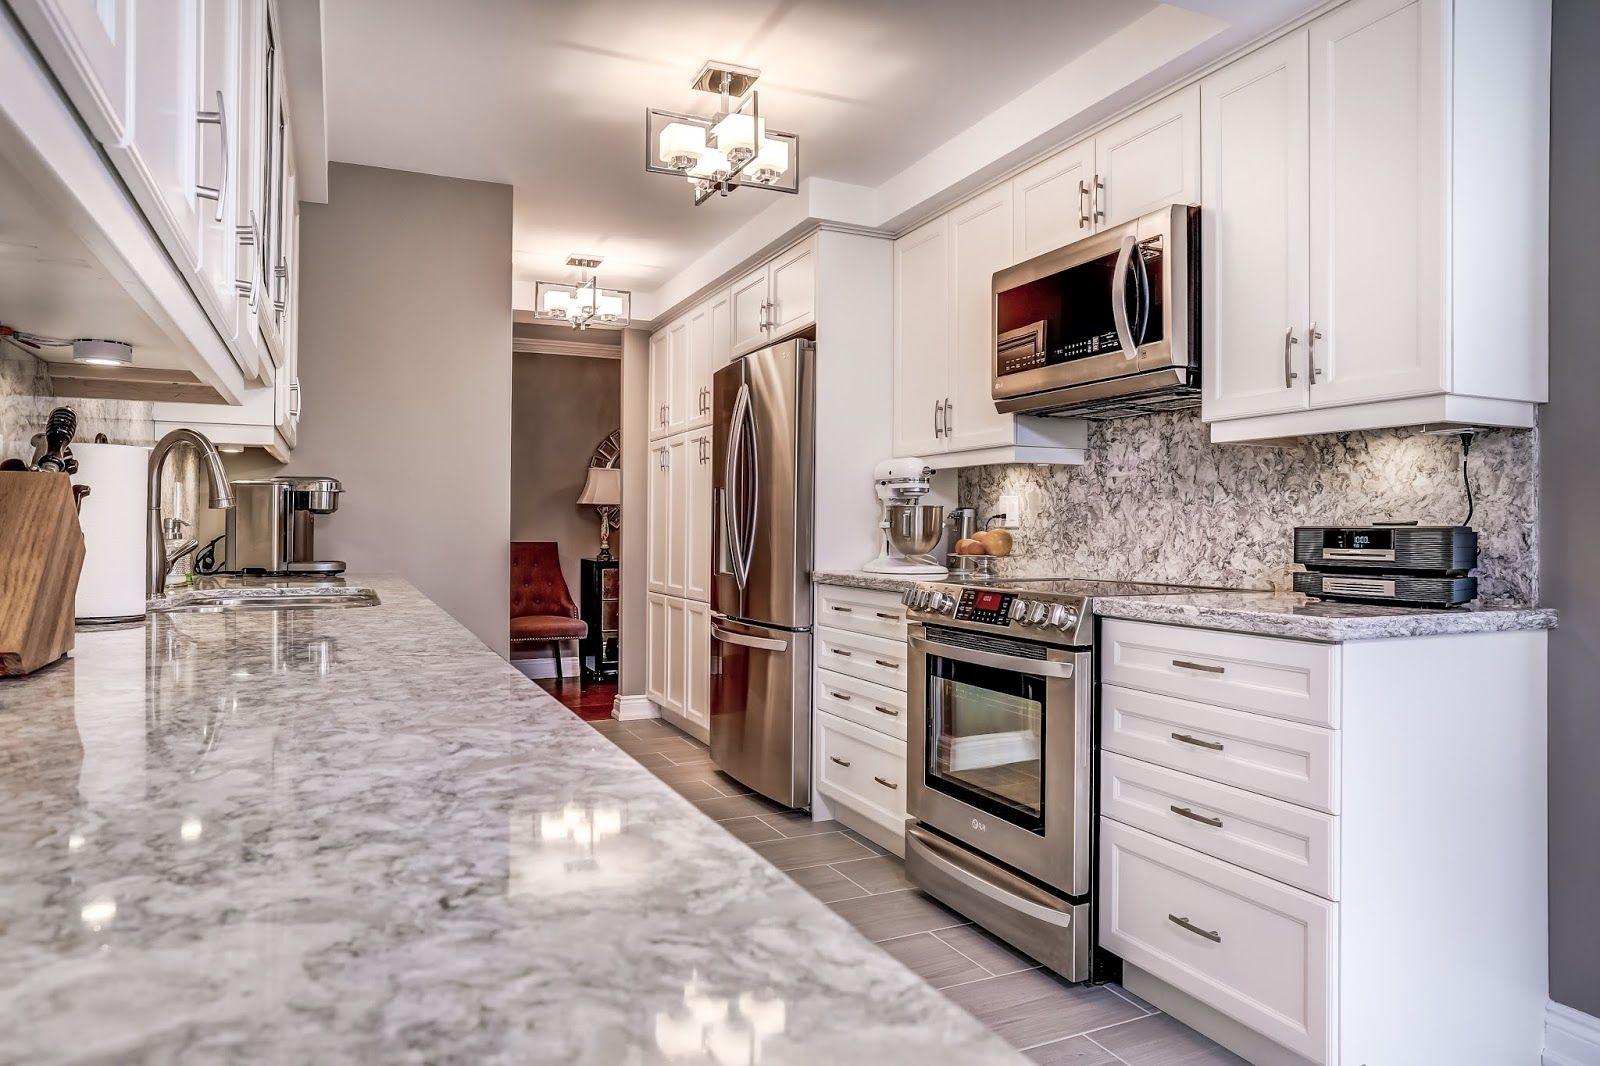 Monarch Kitchen And Bath Centre   Condo Kitchen, White Kitchen, Cambria,  Tile, Renovation | Condo Ideas :] | Pinterest | Condo Kitchen, Kitchen  White And ...